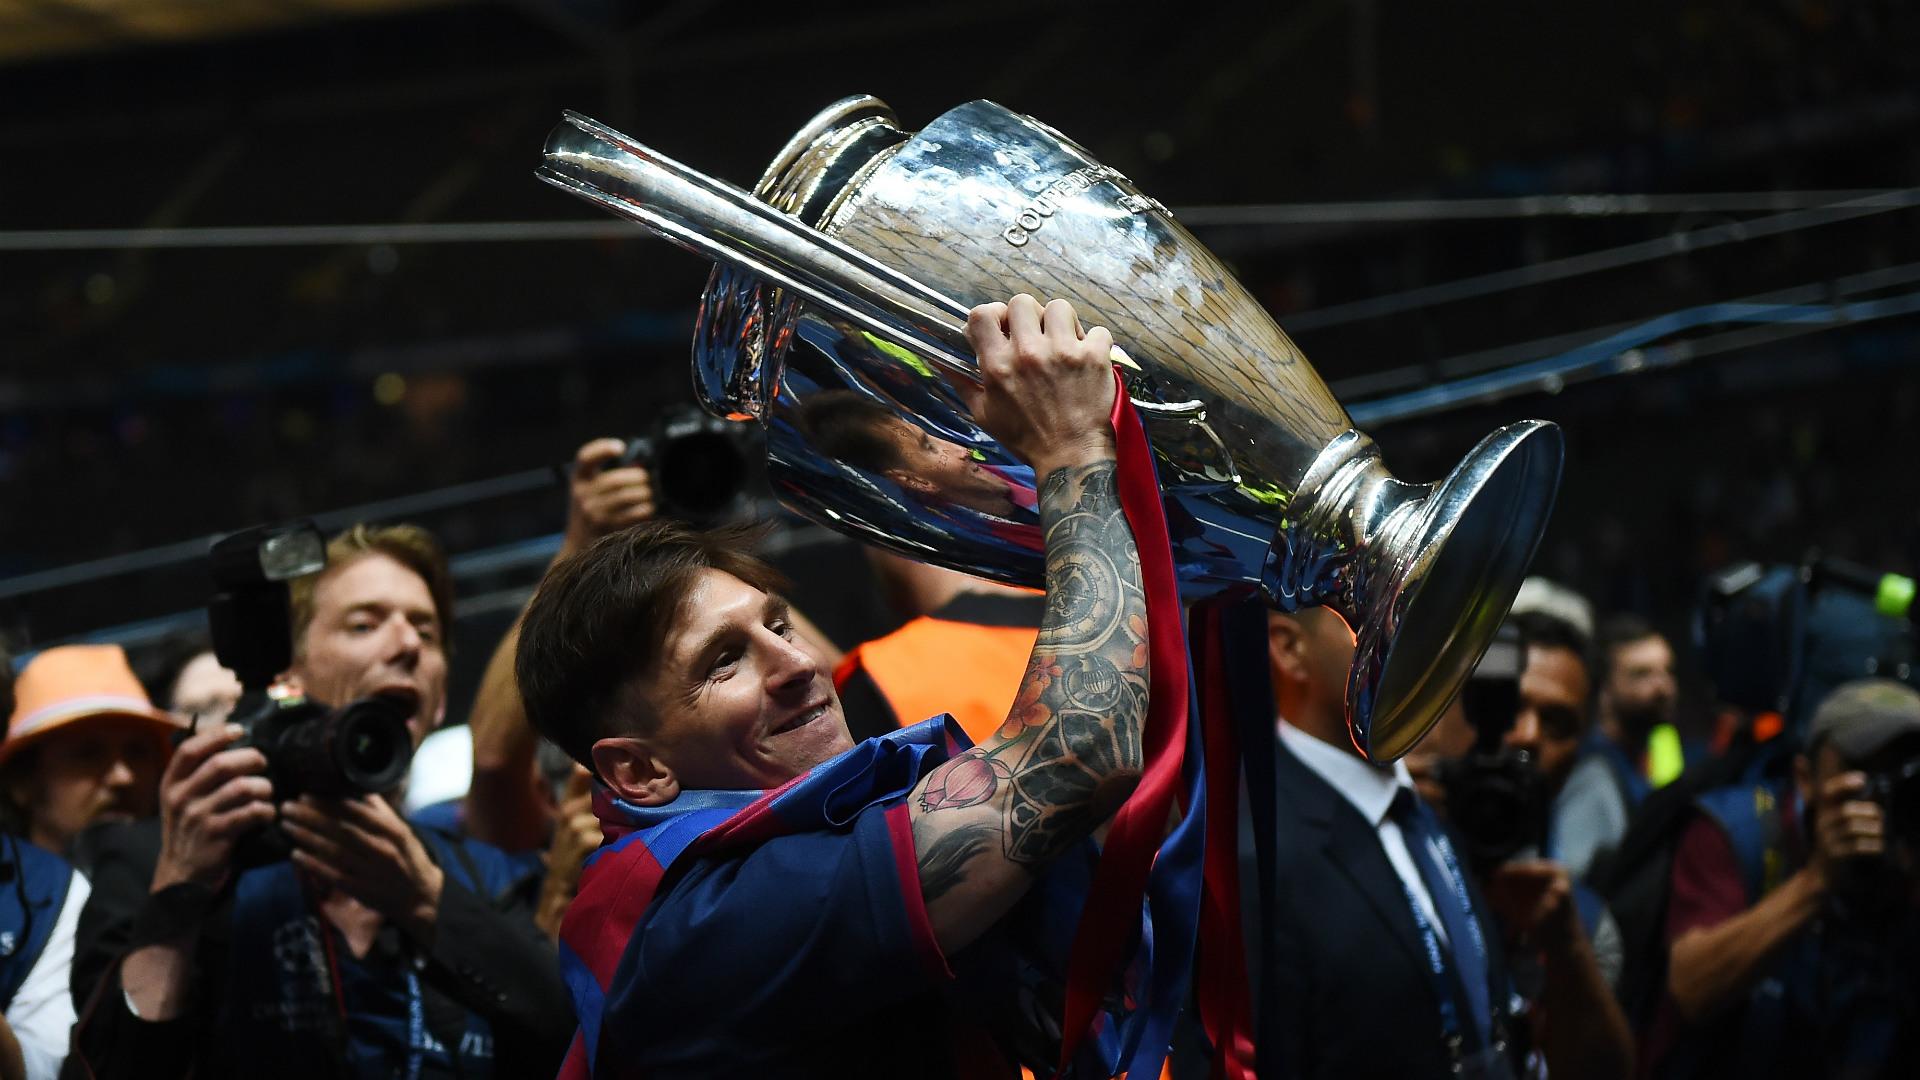 Los 6 jugadores que más veces han ganado la Champions League